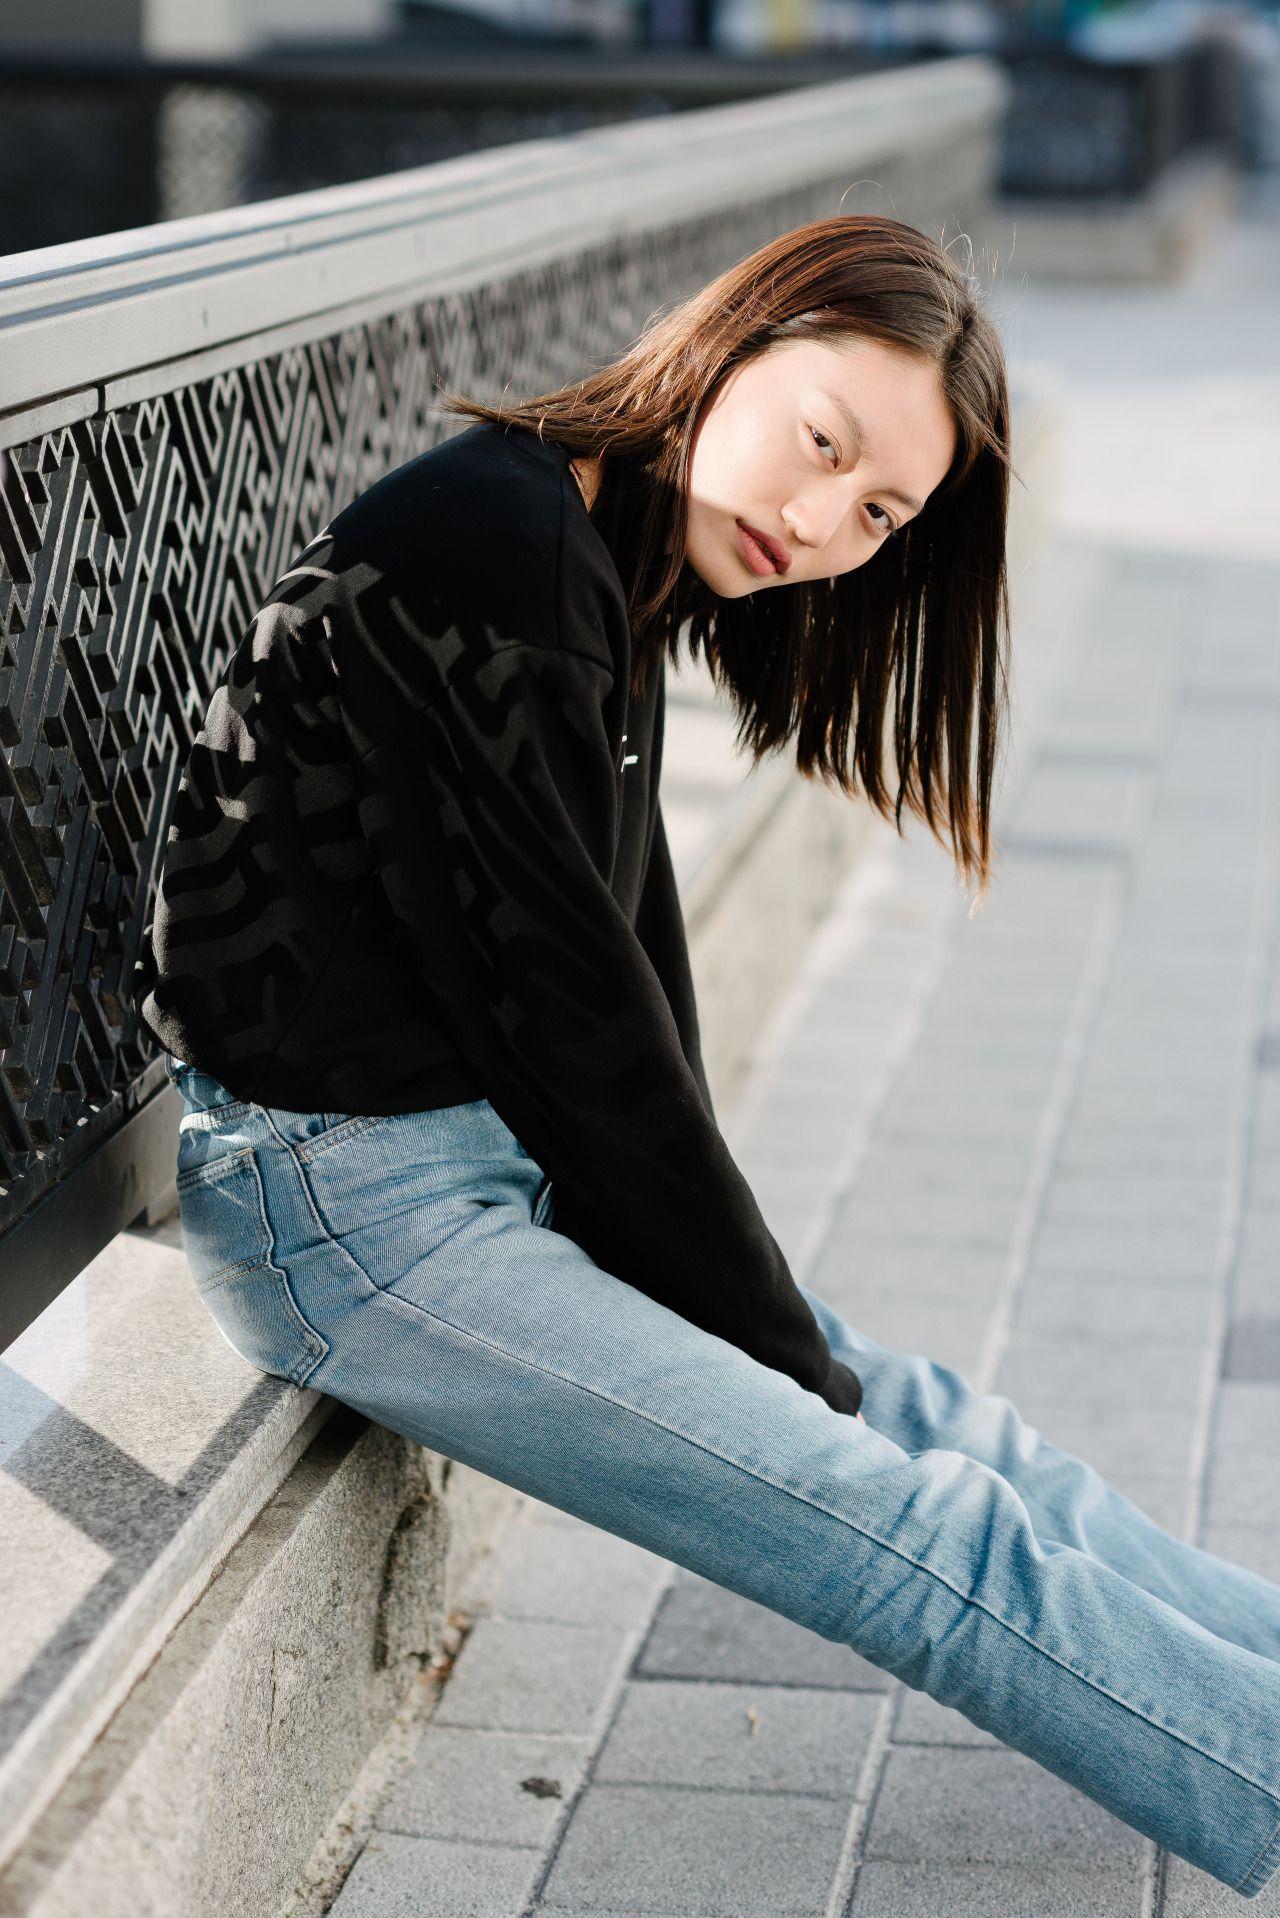 Streetstyle go ga young wwwiamalexfinchcom iamalexfinch korea